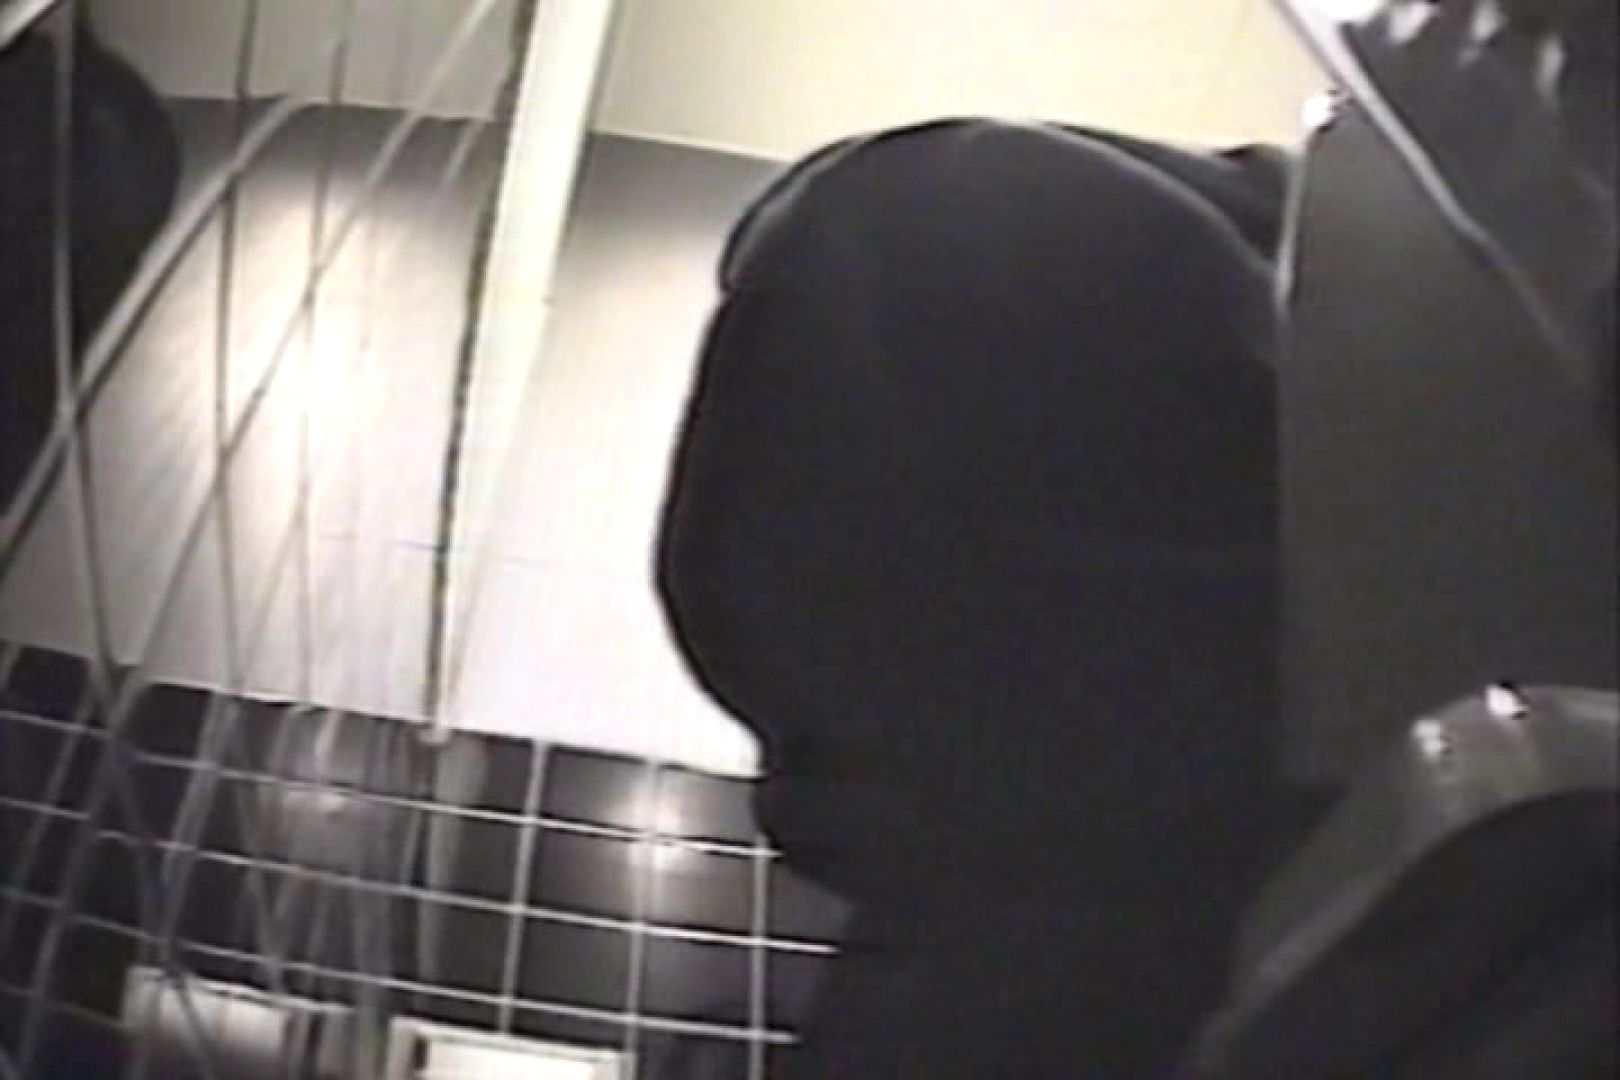 盗撮 女子洗面所3ヶ所入ってしゃがんで音出して プライベート   和式  109連発 41